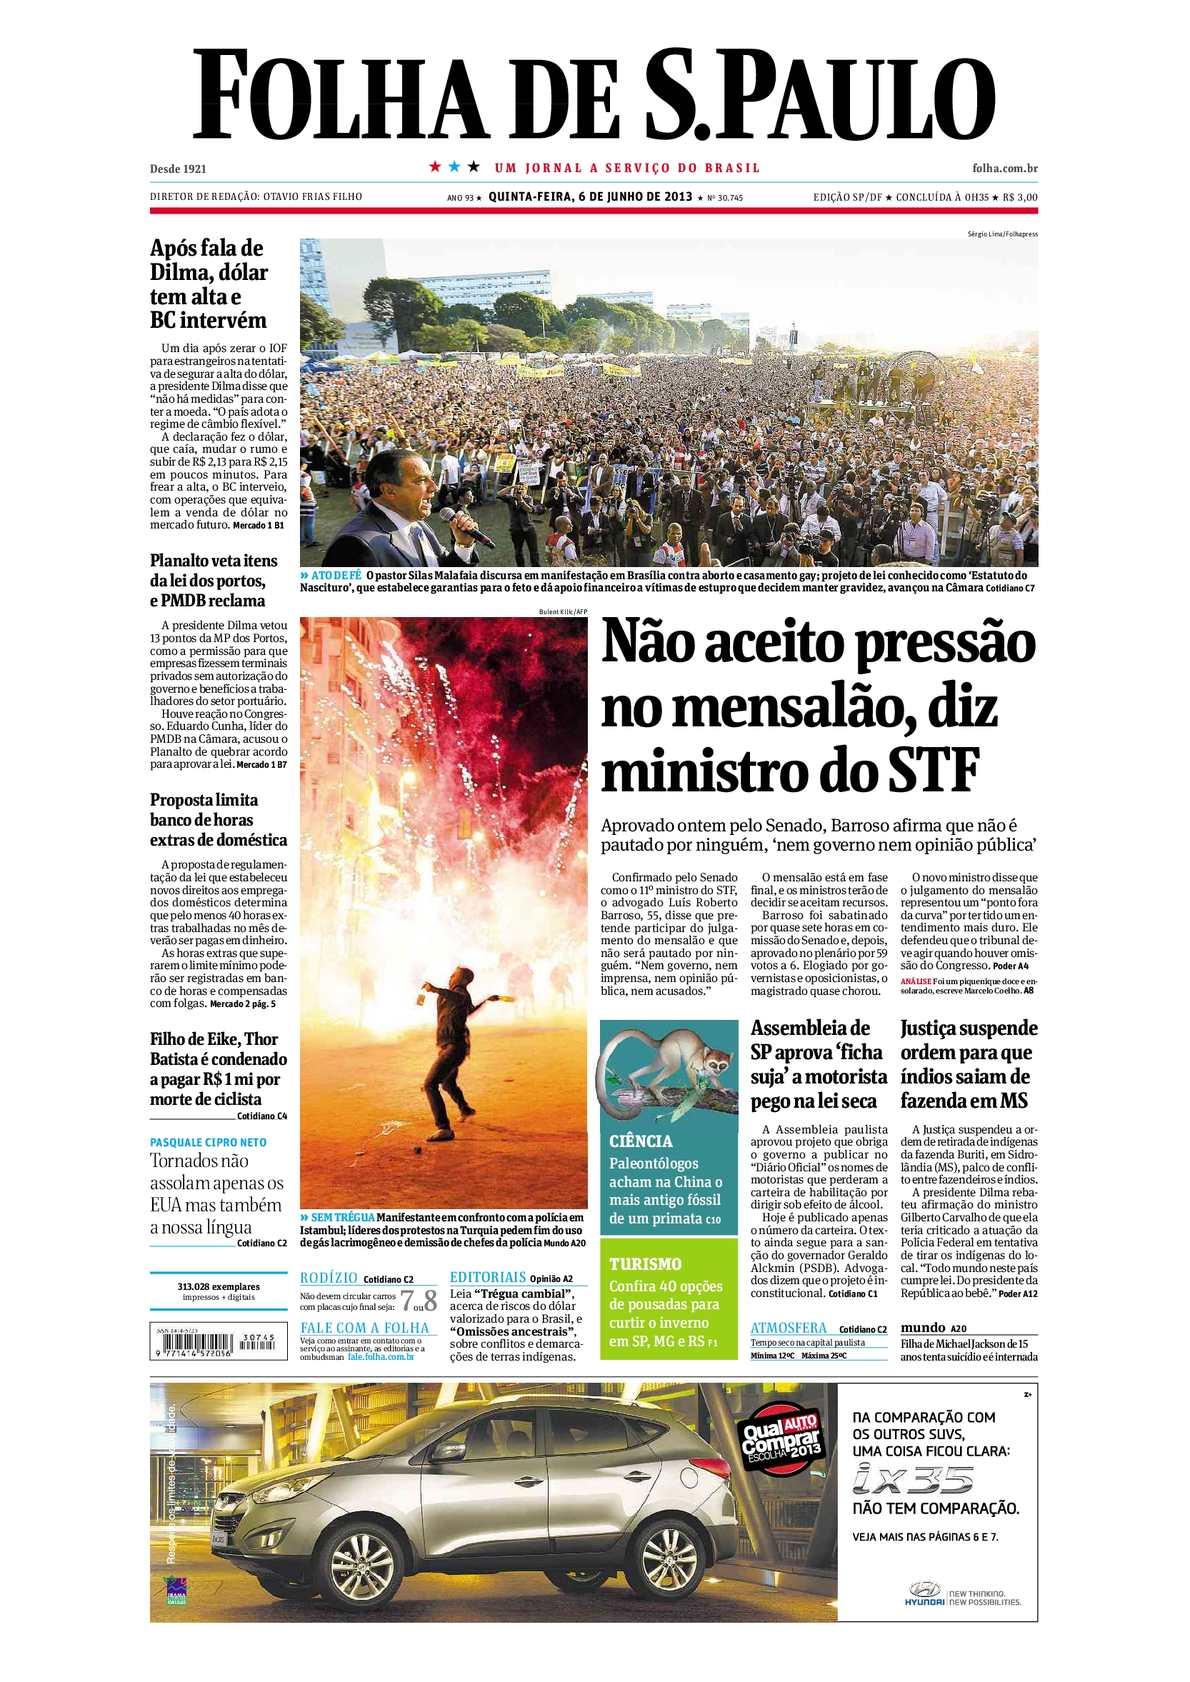 444cba4b99486 Calaméo - Folha de São Paulo 06-06-13